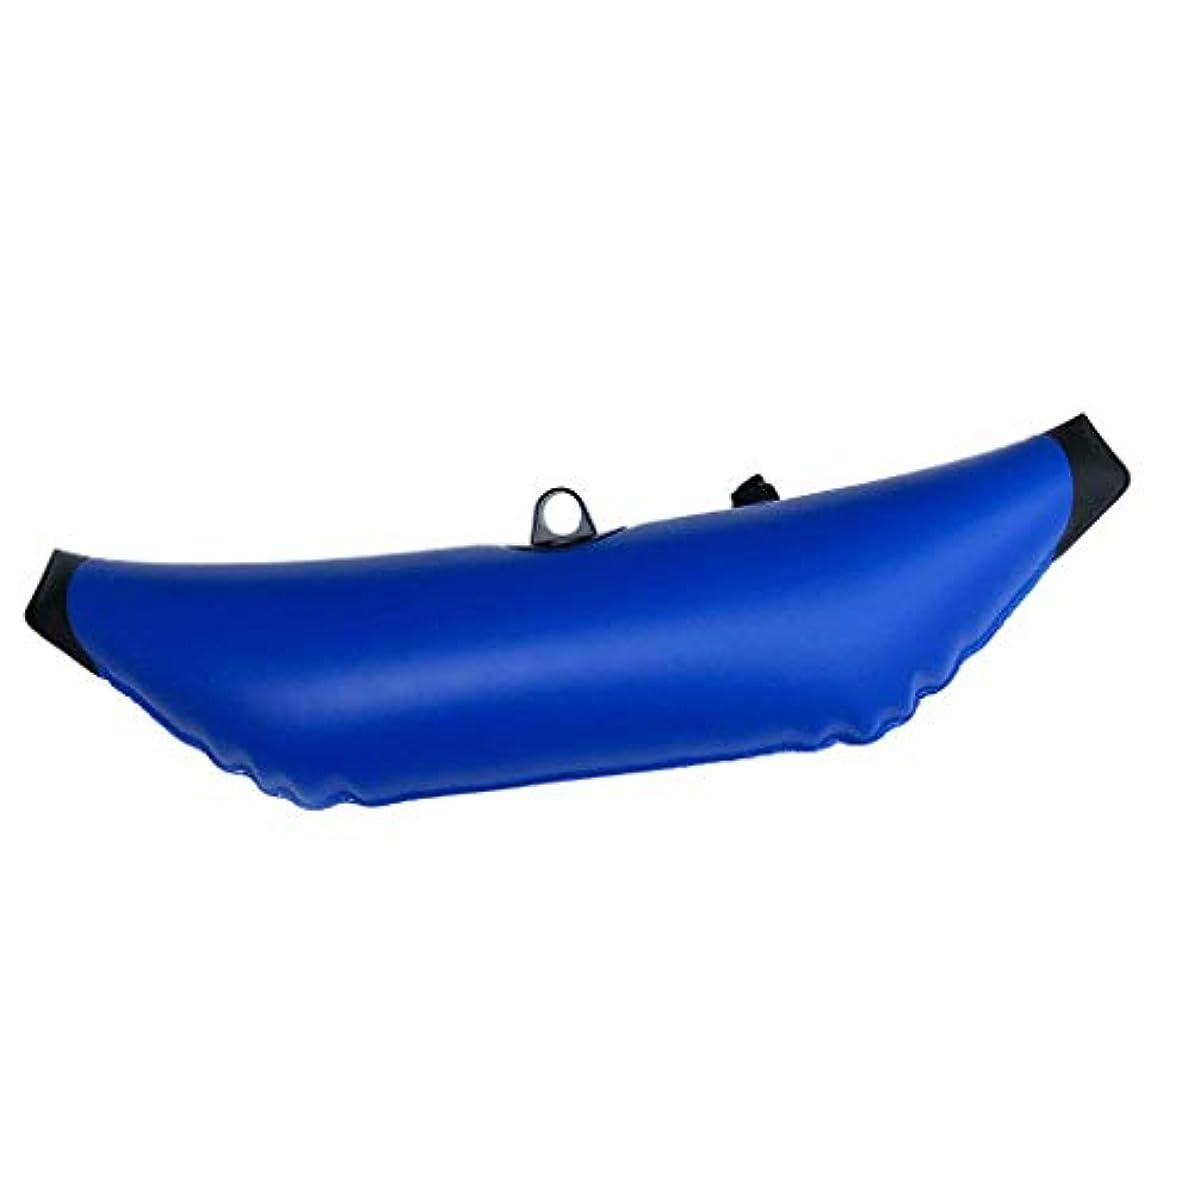 凍るジャニスクッションプレミアムpvcカヤックインフレータブルアウトリガー安定剤水浮遊フロートスーツカヤックカヌーボート釣り交換用アクセサリー